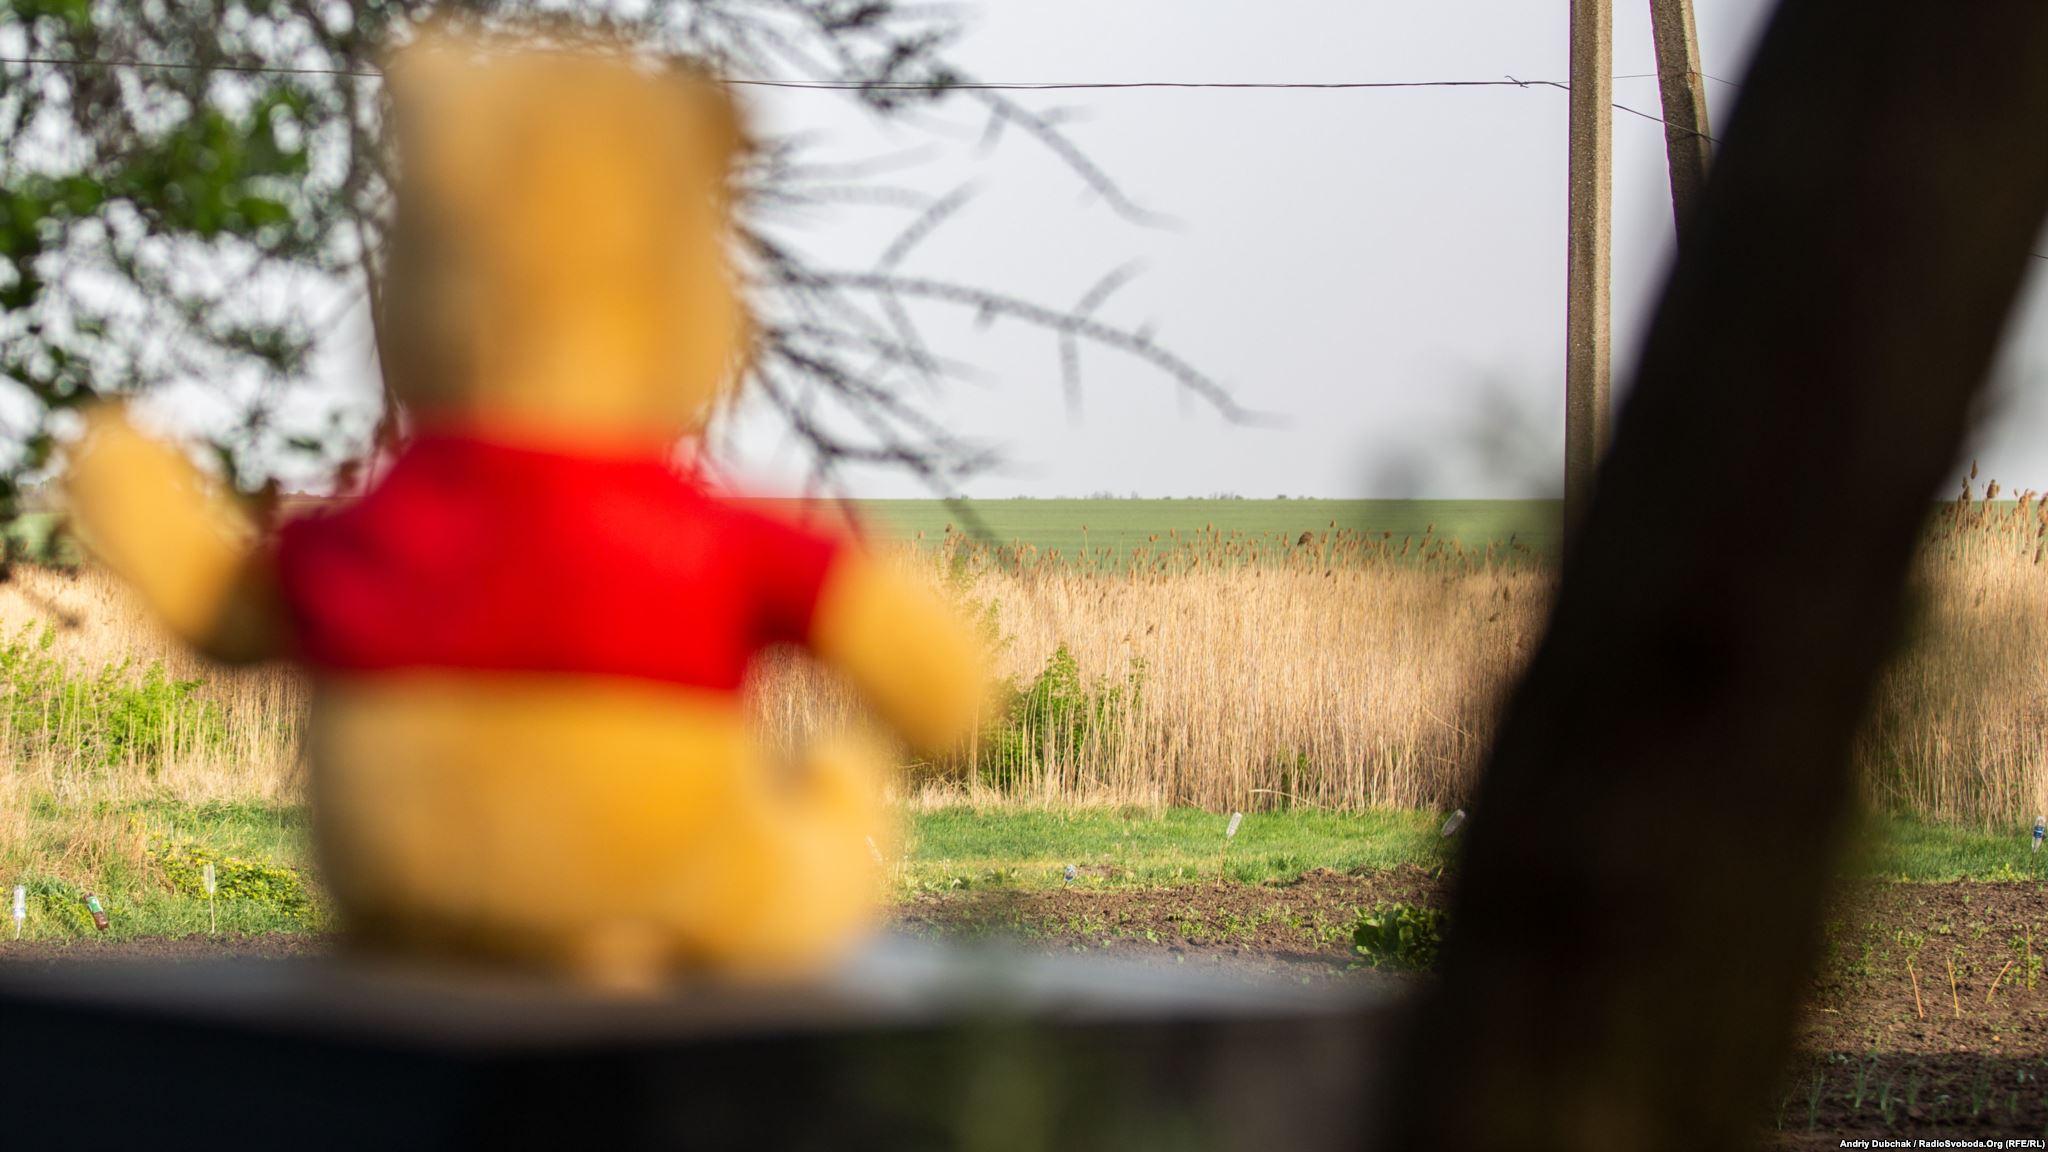 Іграшковий ведмедик на подвір'ї Насті. Дерева за полем – то вже передові у Пісках, а за ними Донецький аеропорт